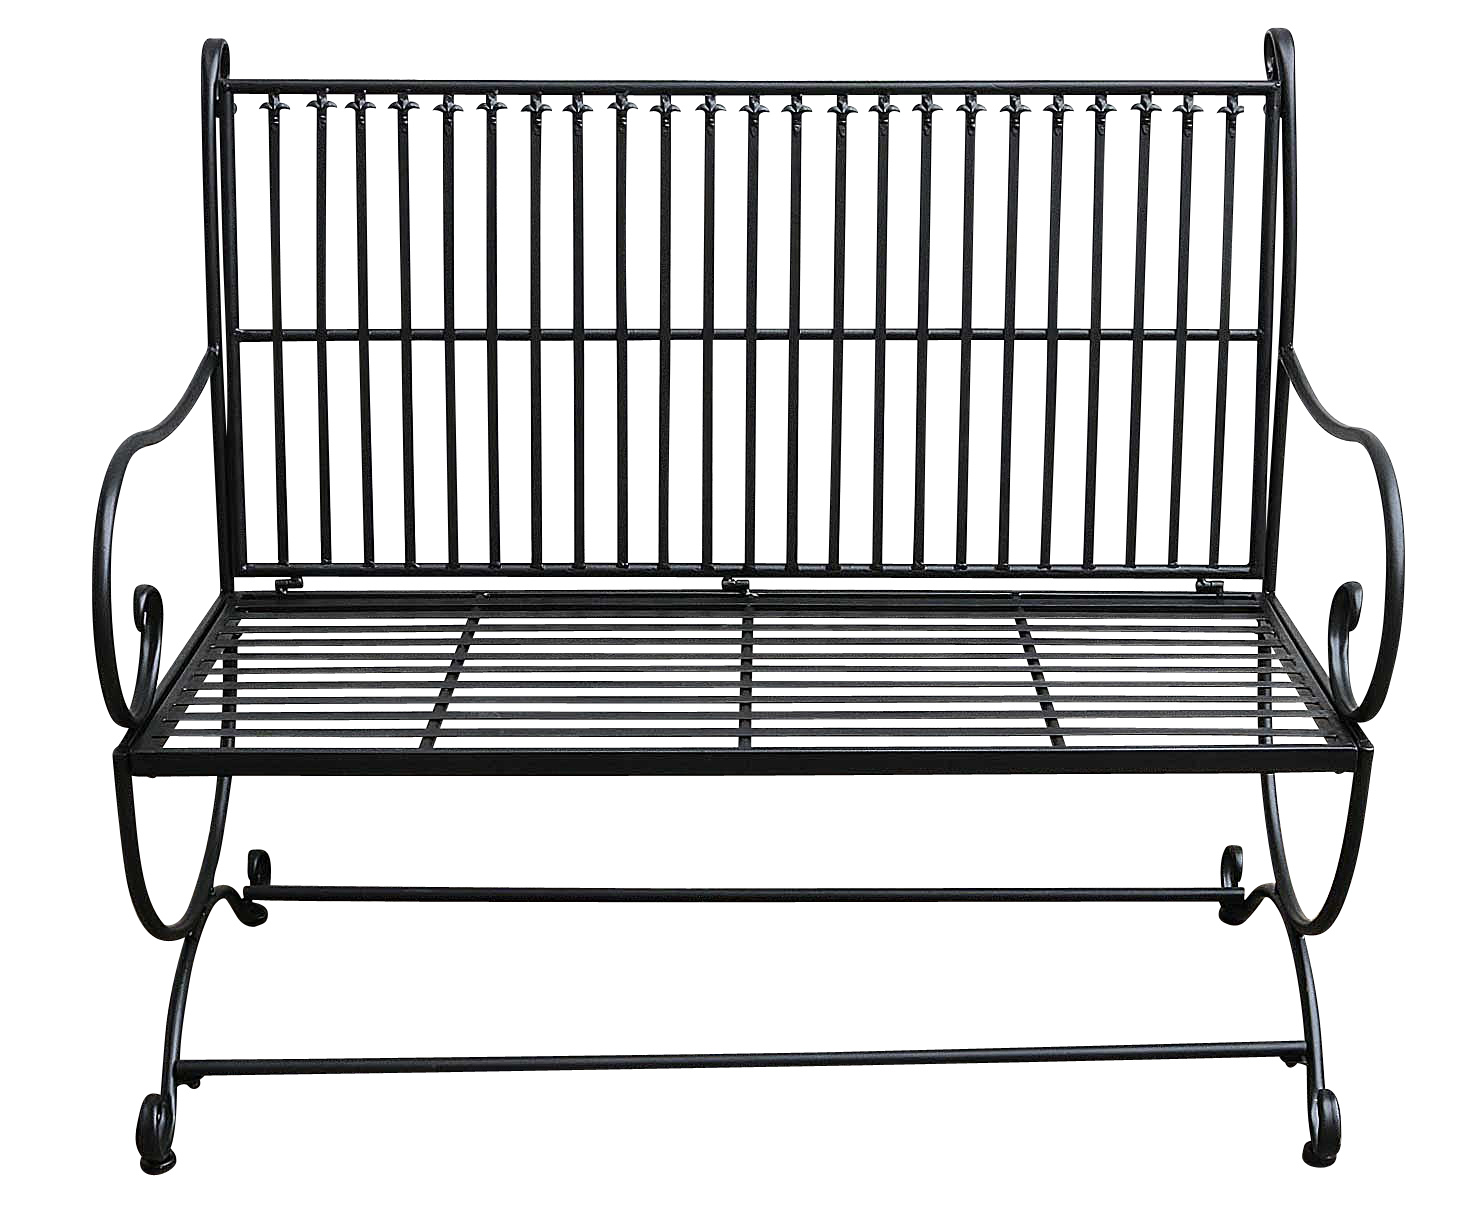 Brun banc meubles de jardin en m tal de style antique fer for Meuble de jardin en metal